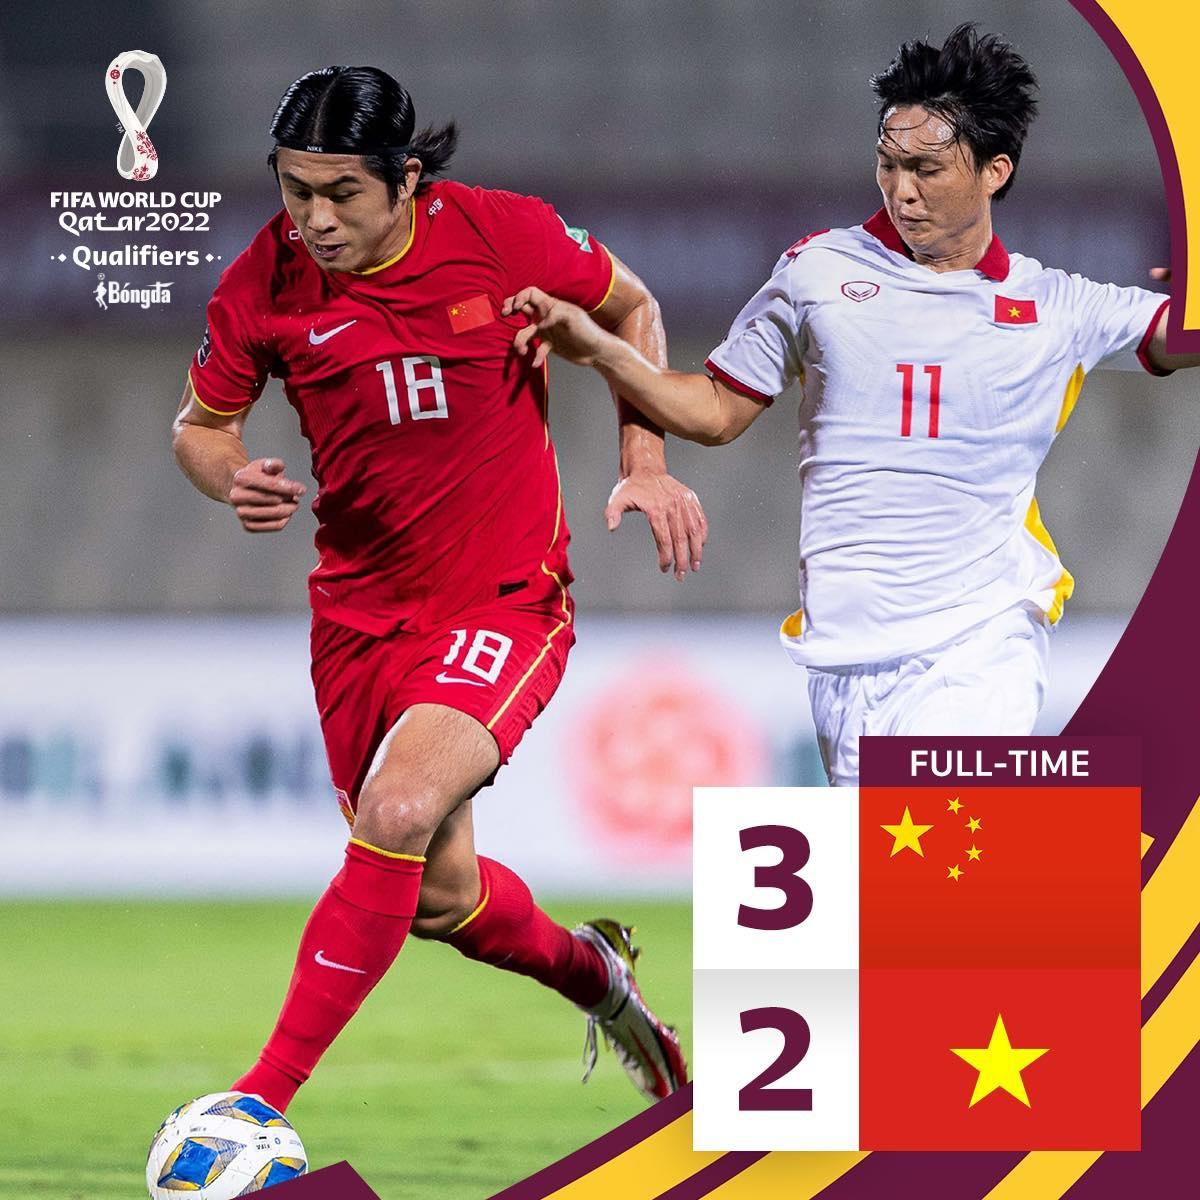 Kết quả Việt Nam 2-3 Trung Quốc: Mất trắng 3 điểm đầy tiếc nuối